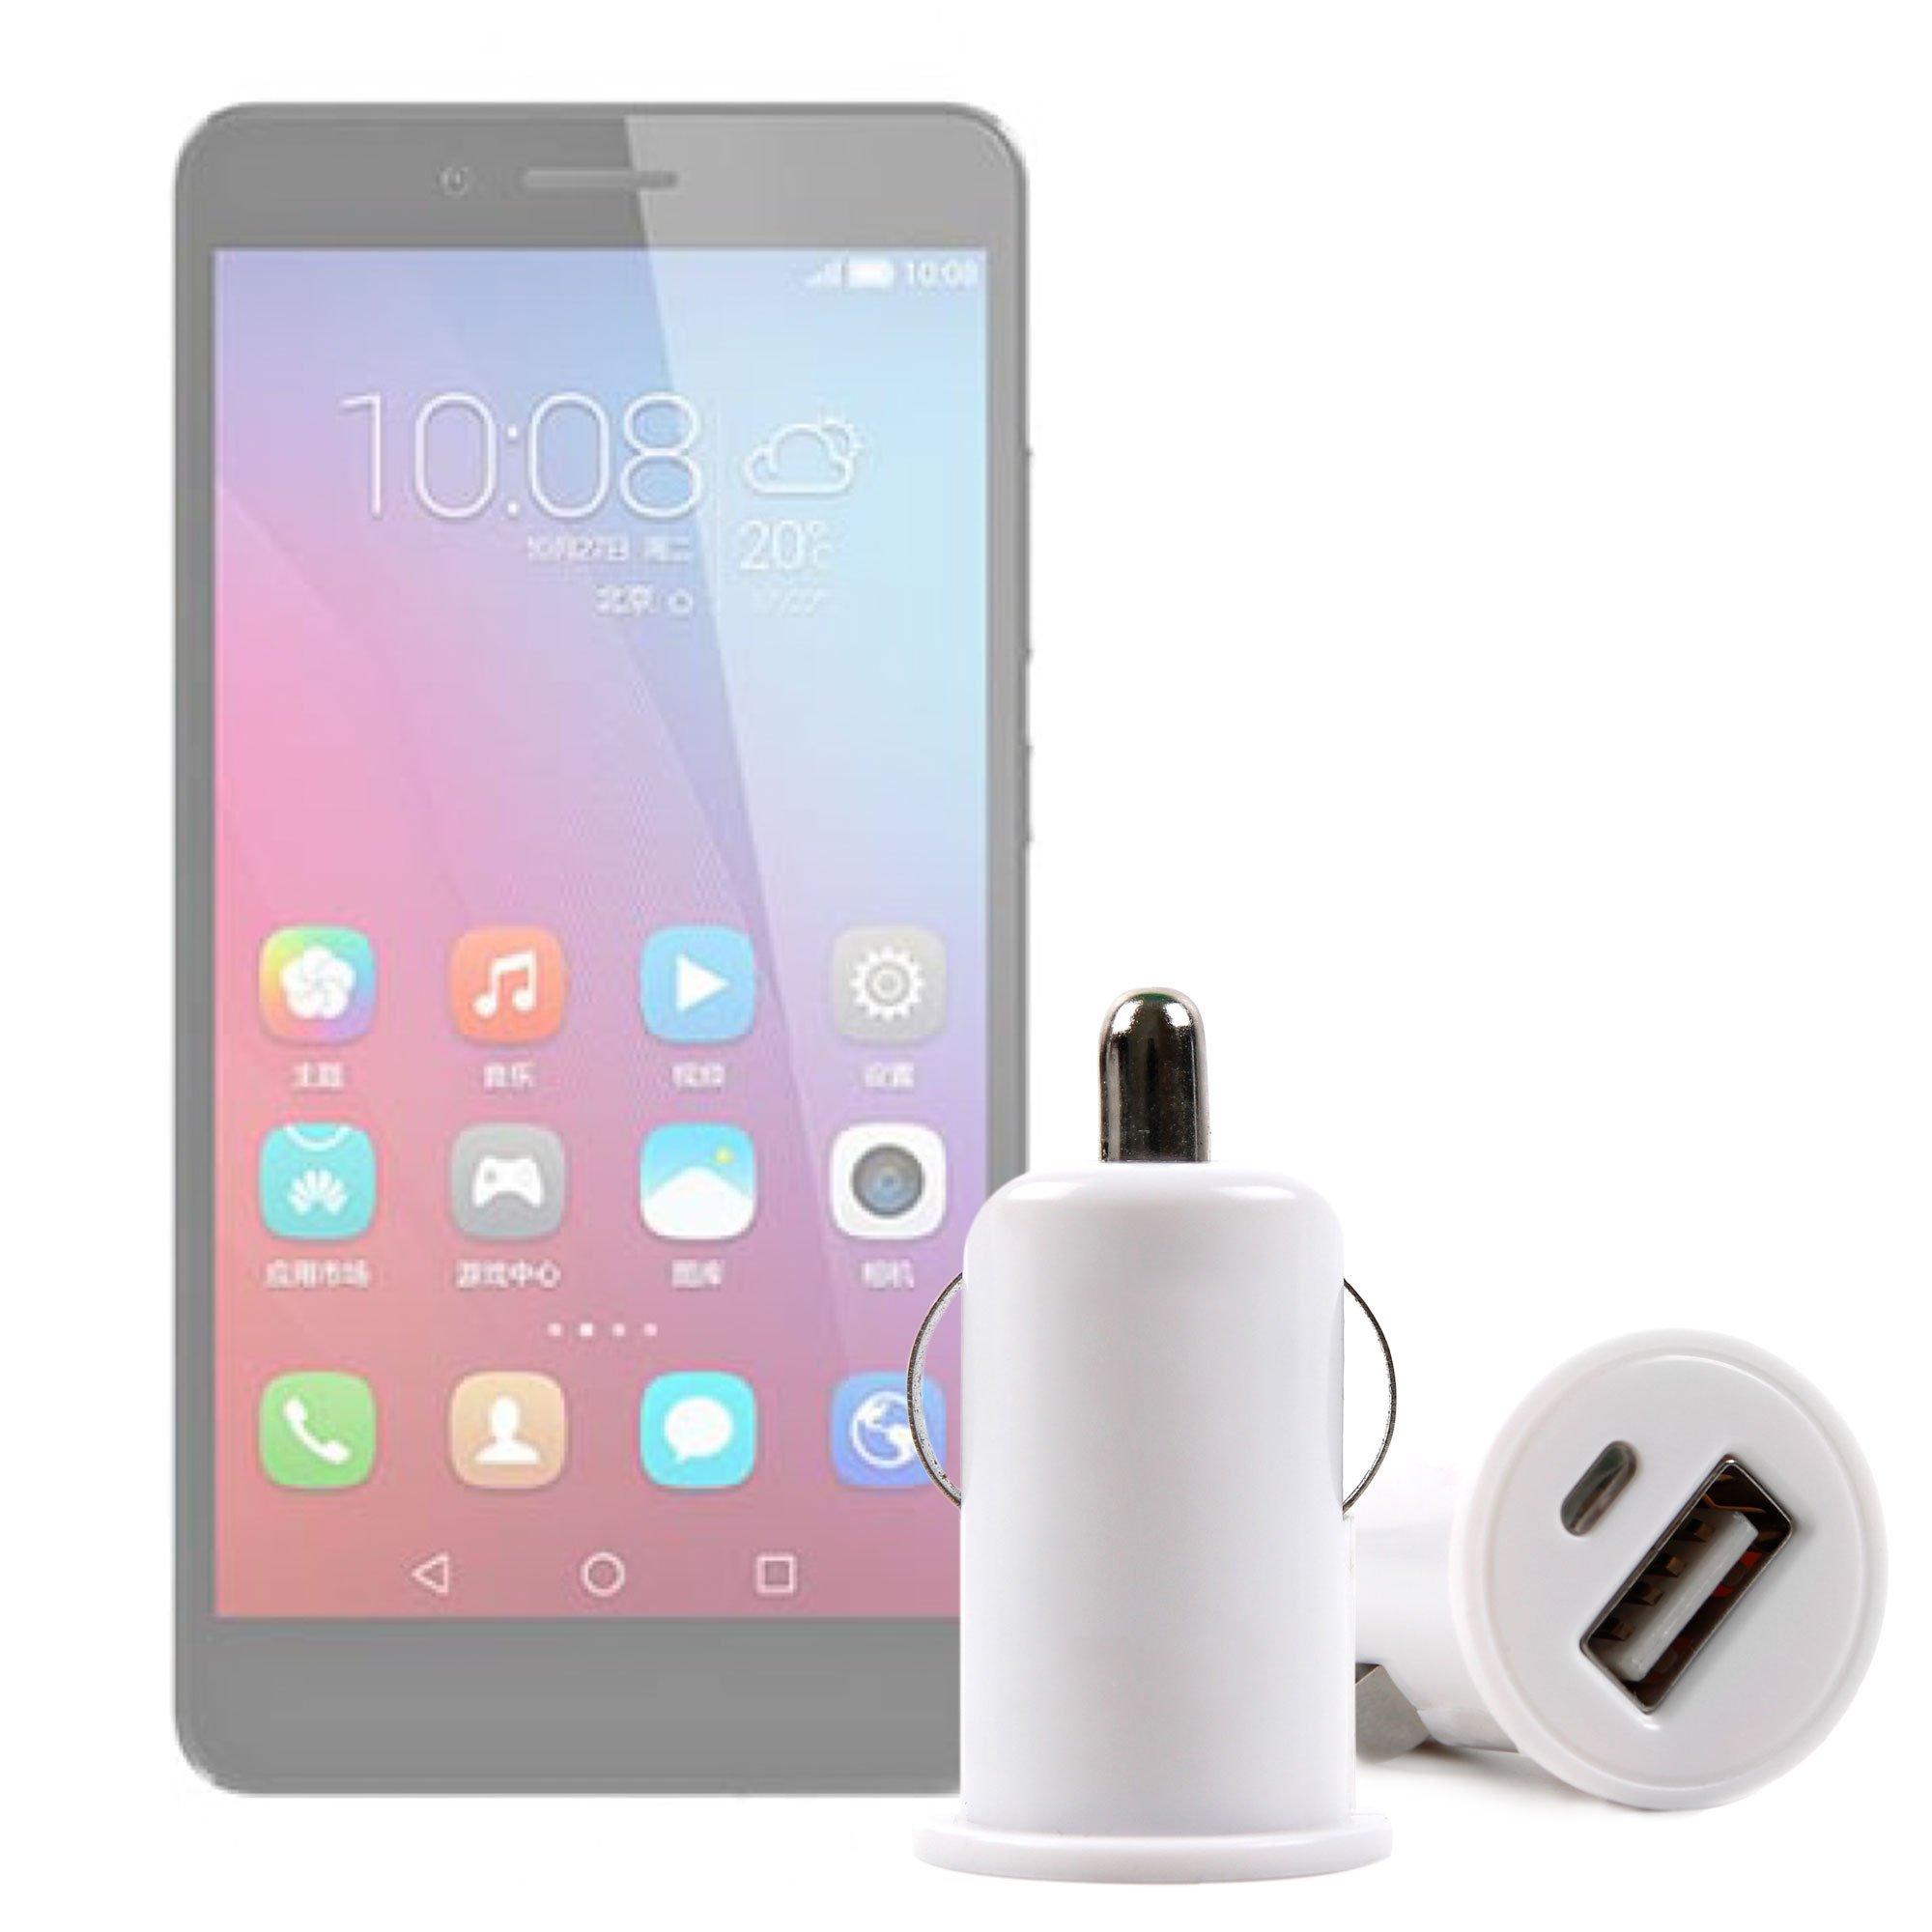 DURAGADGET Cargador Mechero del Coche con Puerto USB para Smartphone Huawei Honor 5C, Huawei Mate 9 Lite, Huawei Y6 II Compact: Amazon.es: Electrónica